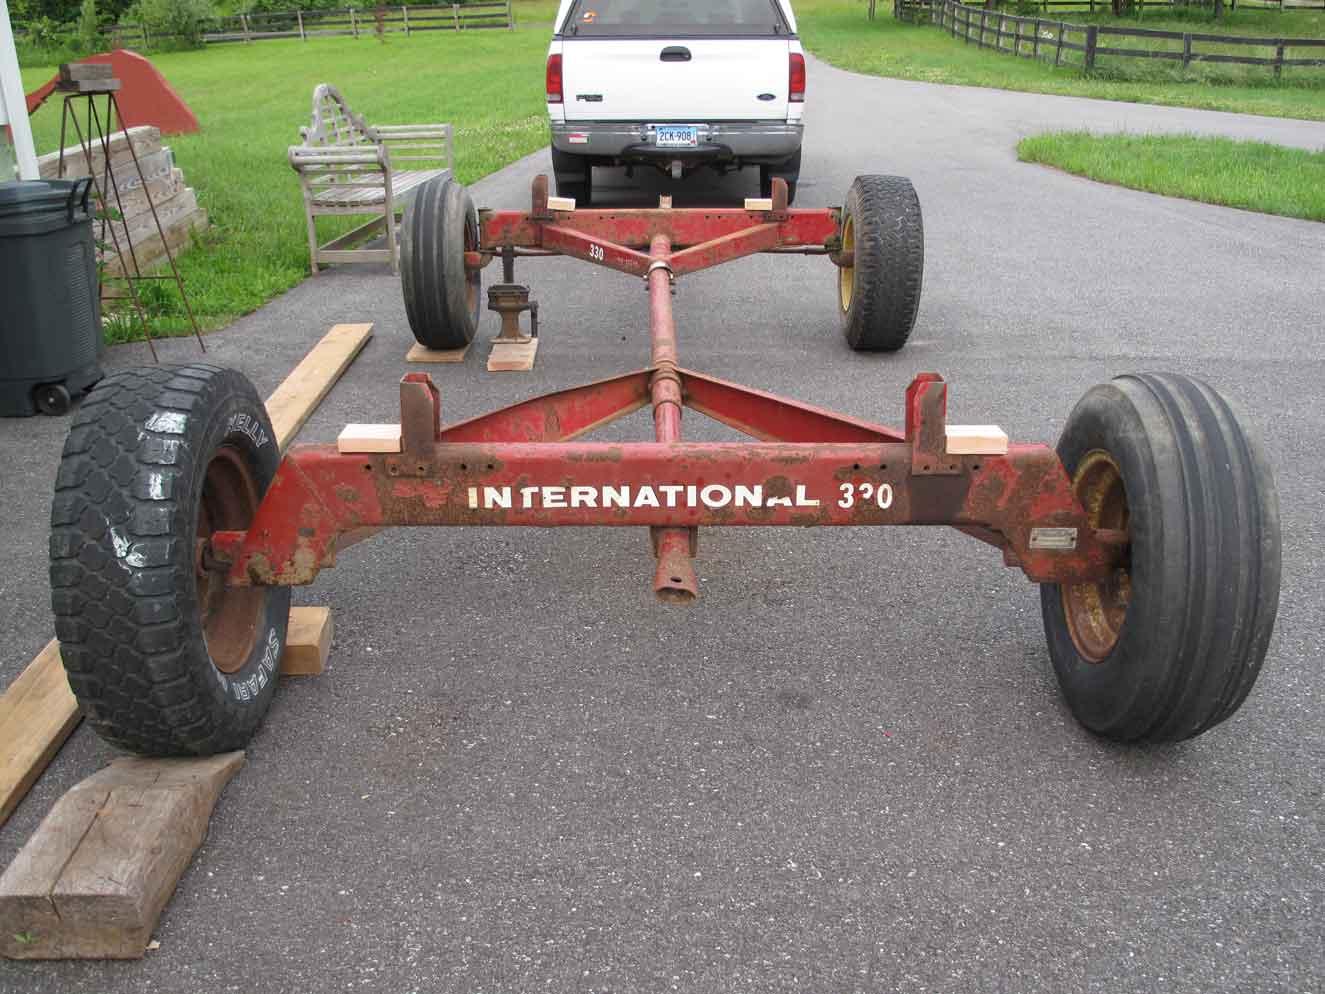 Antique International Harvester Wagon : John everett scofield chicken wagon chic poor henry